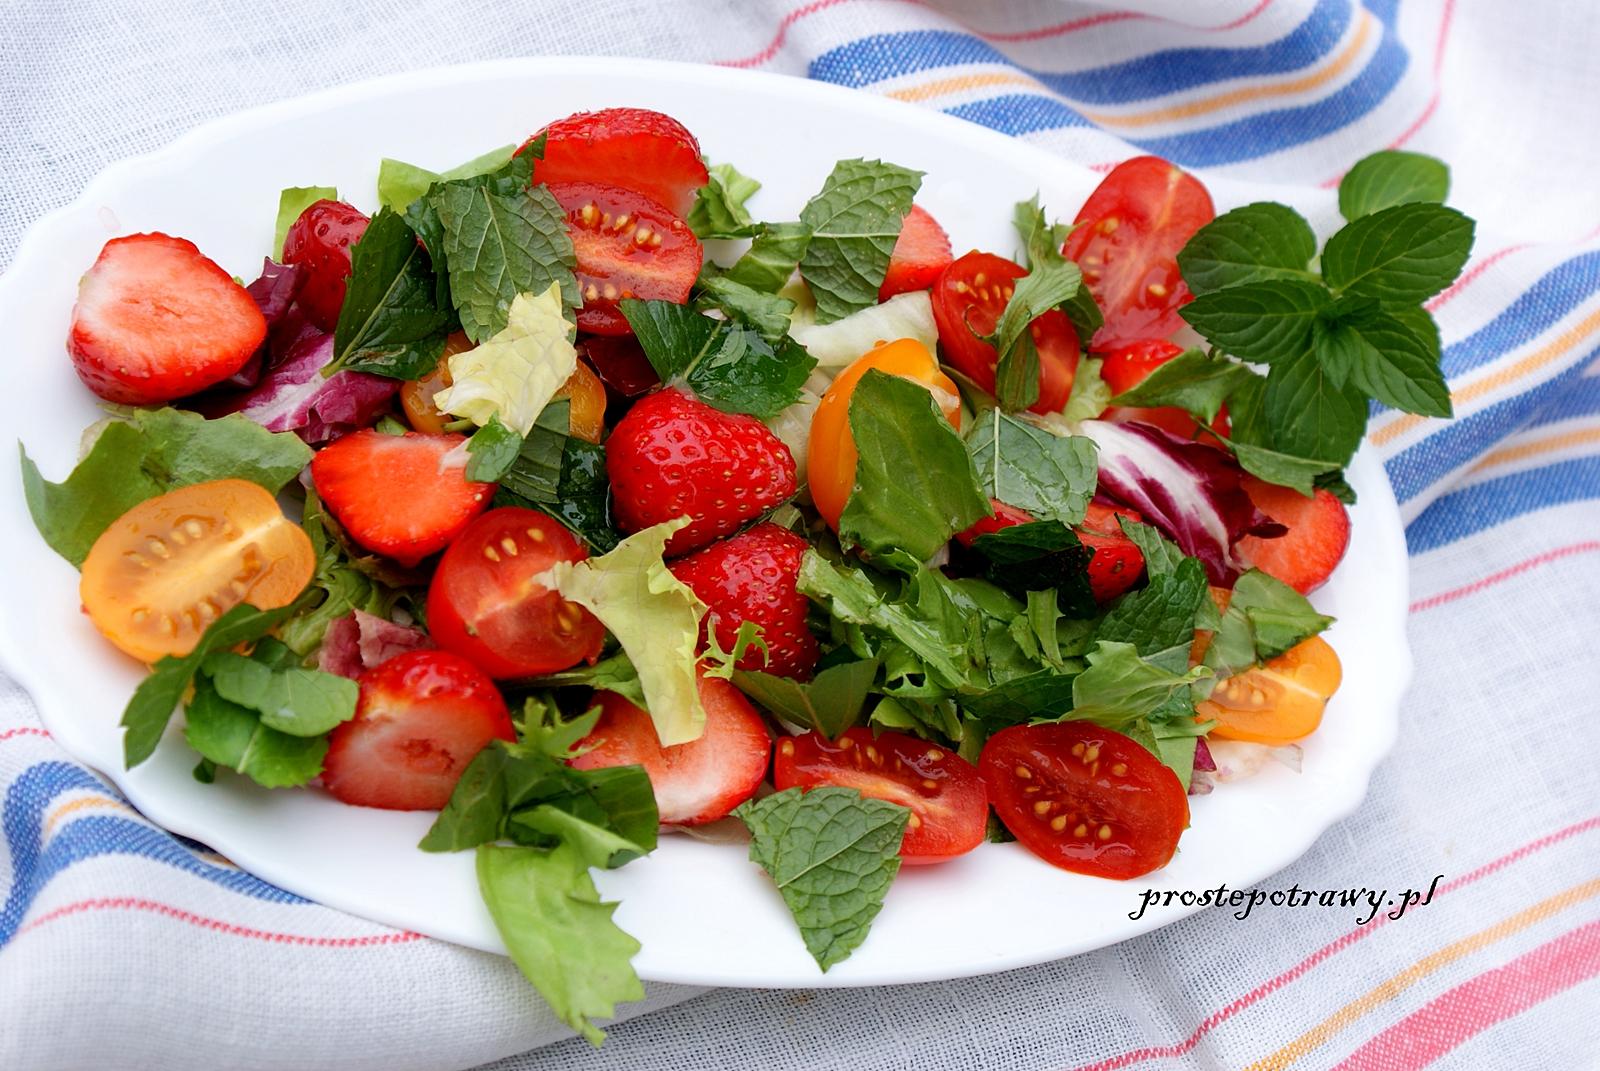 Smaczna i zdrowa sałatka z małych pomidorów i truskawek